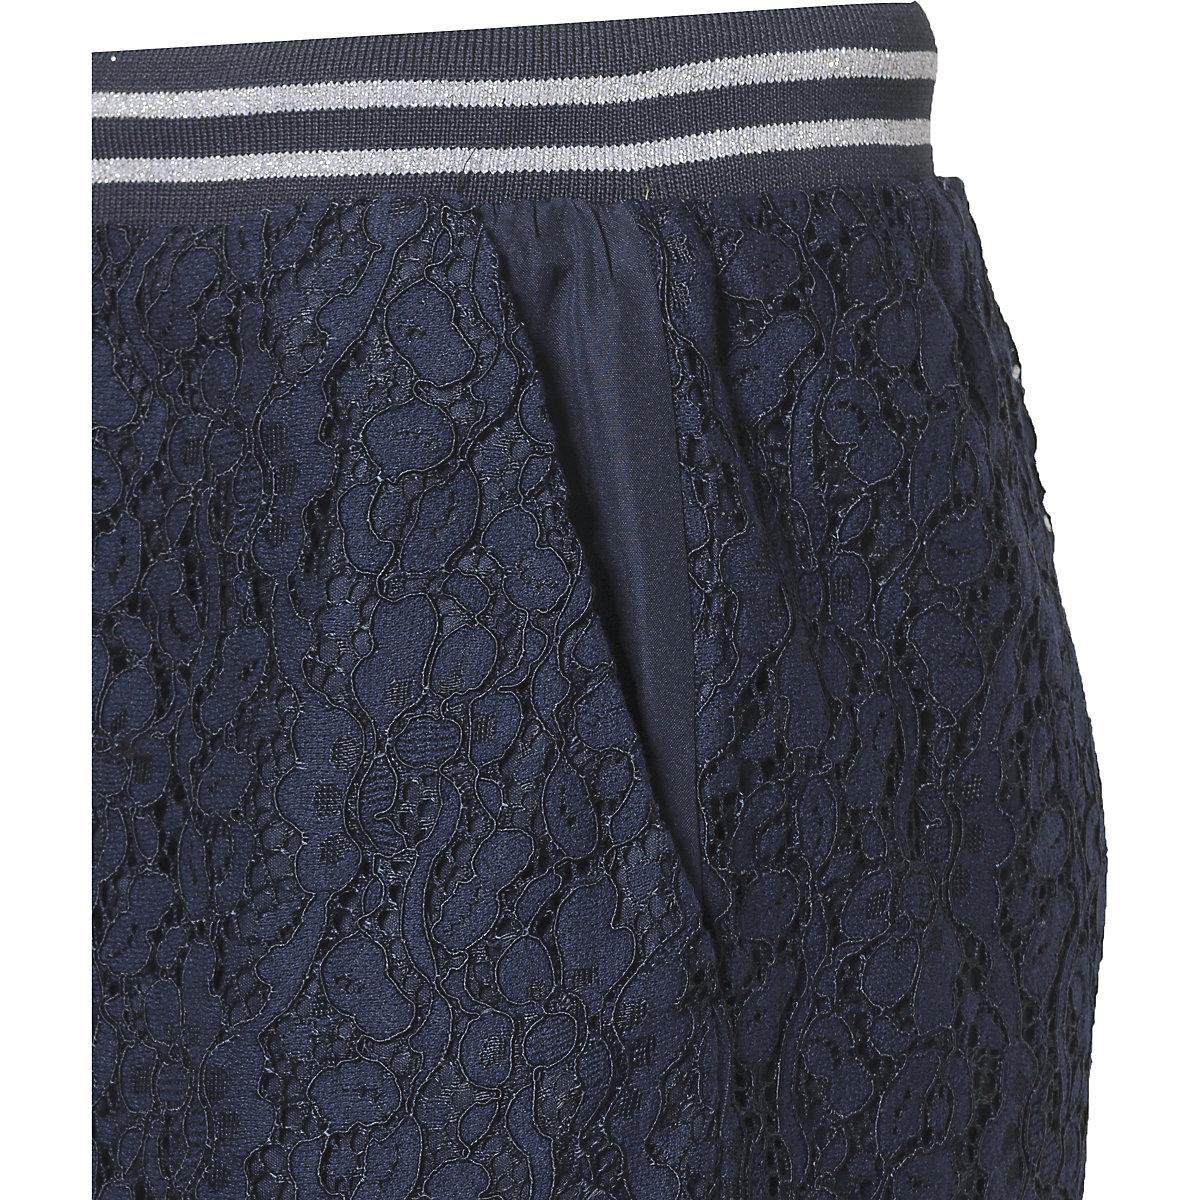 KIDS ONLY, Shorts KONVILJA für Mädchen, dunkelblau